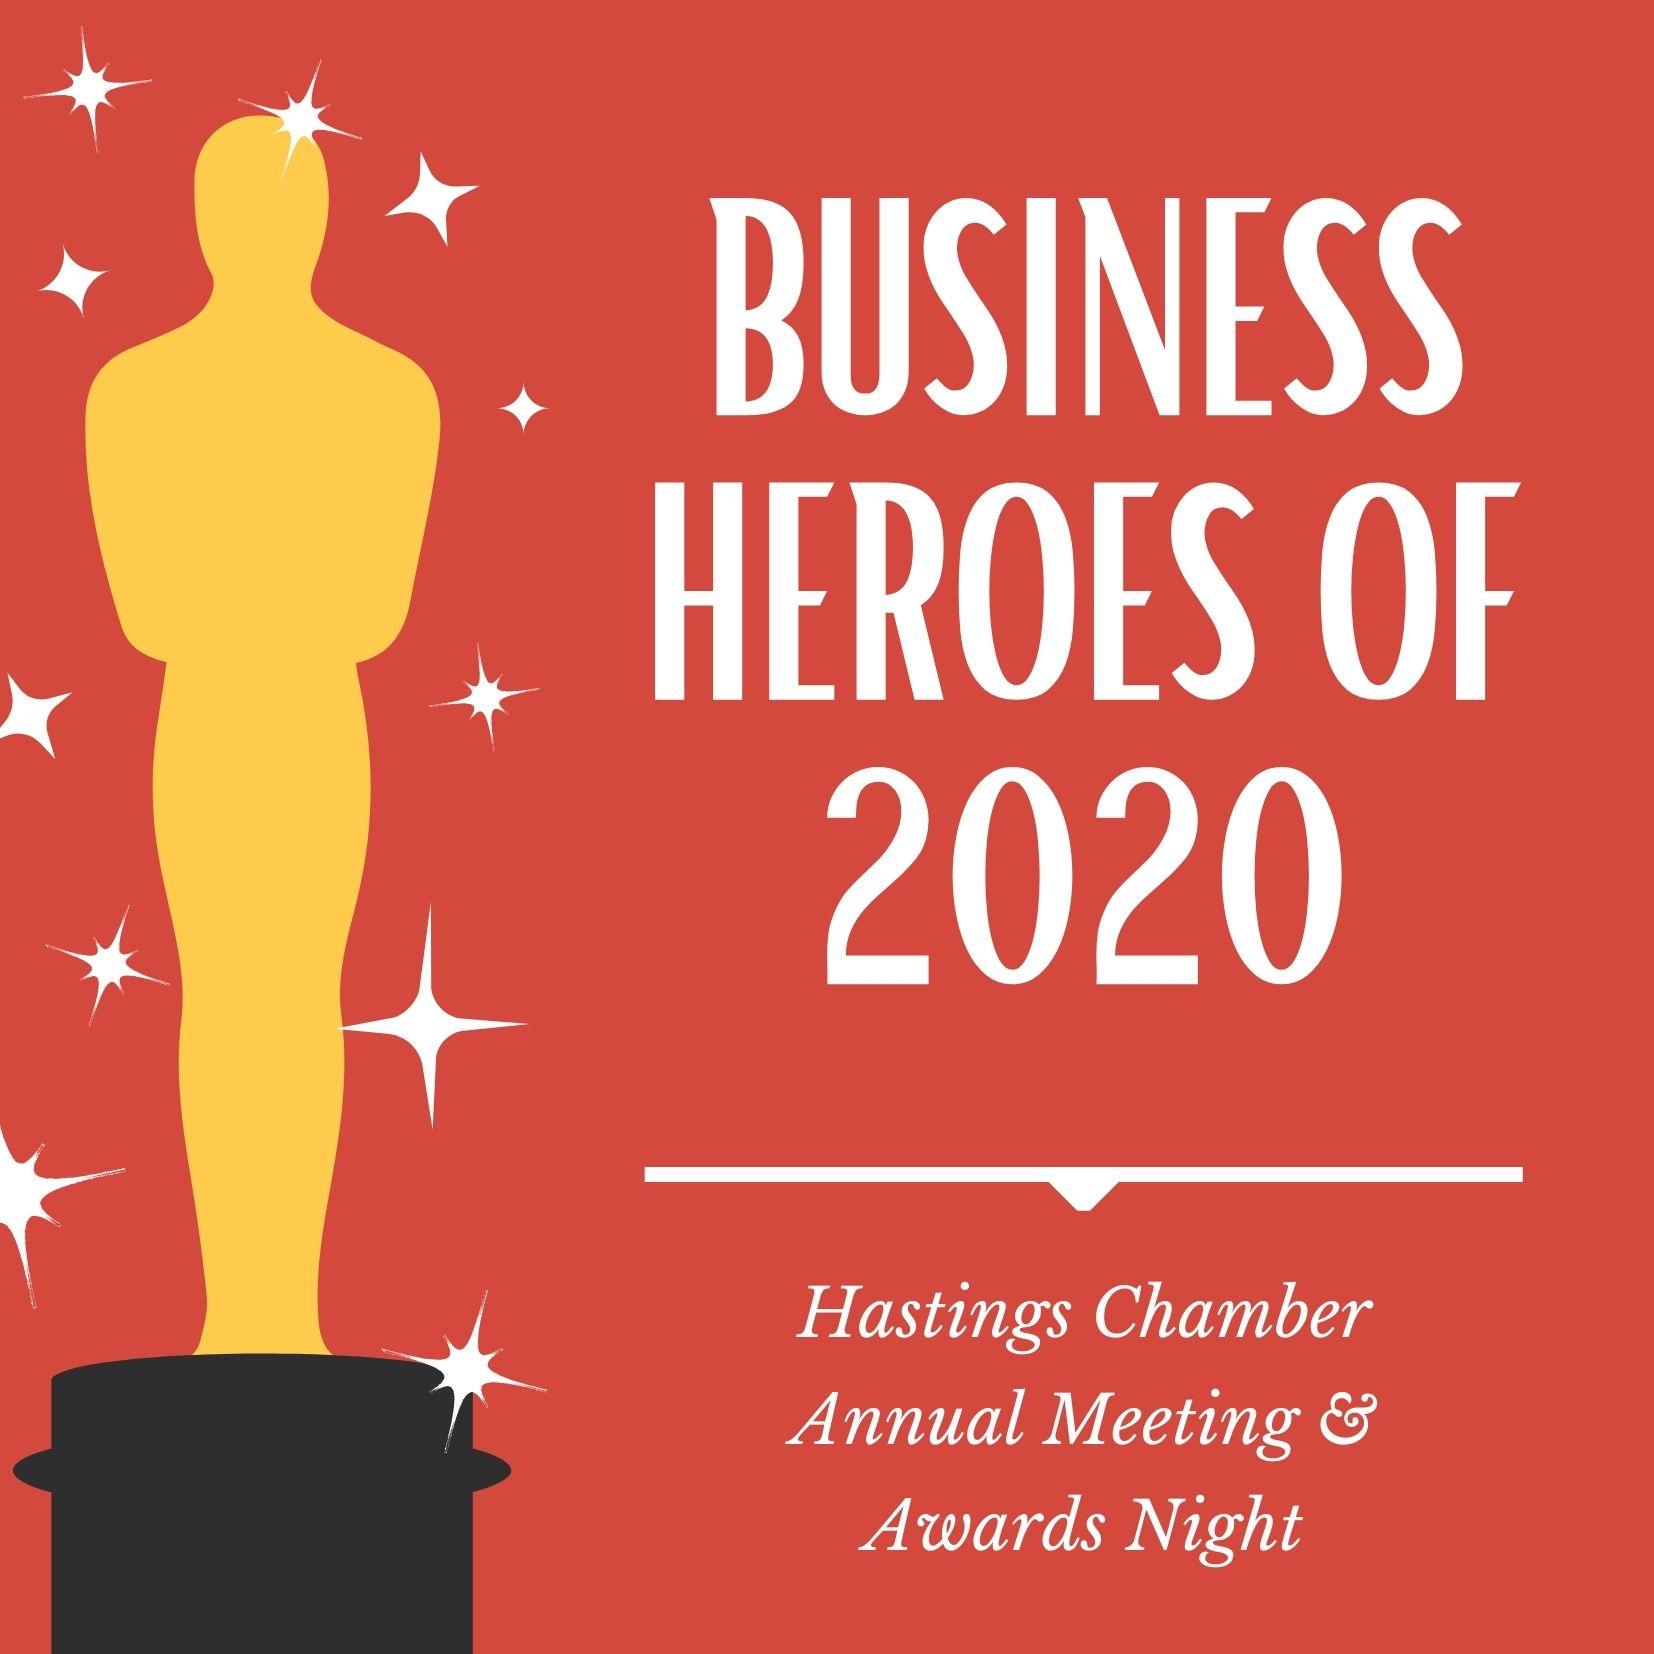 Business-Heroes-of-2020-(1)(1).jpg